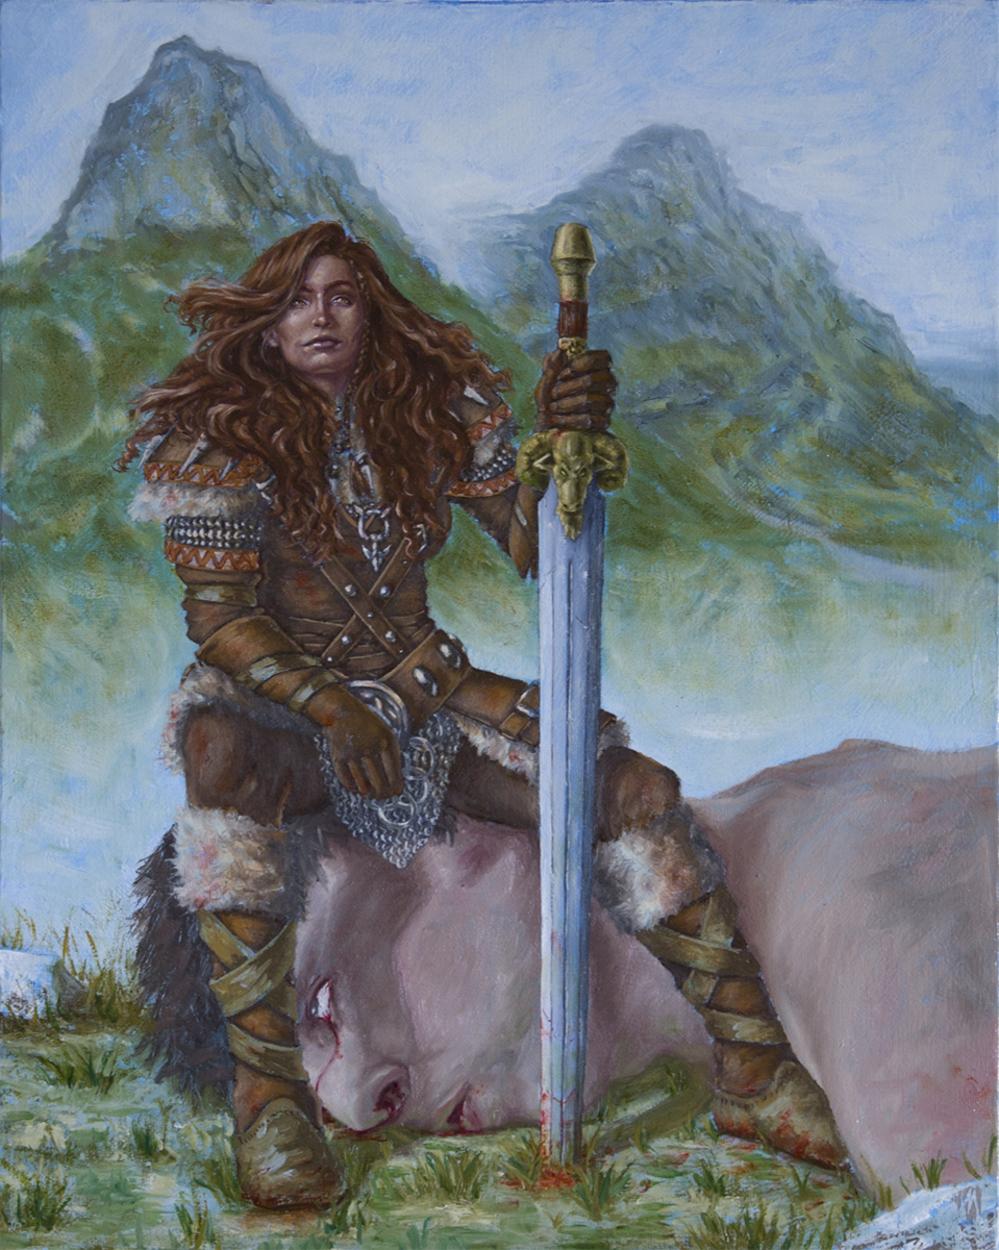 Brynhilde Brickchin, Giant Slayer Artwork by Matthew McNeil